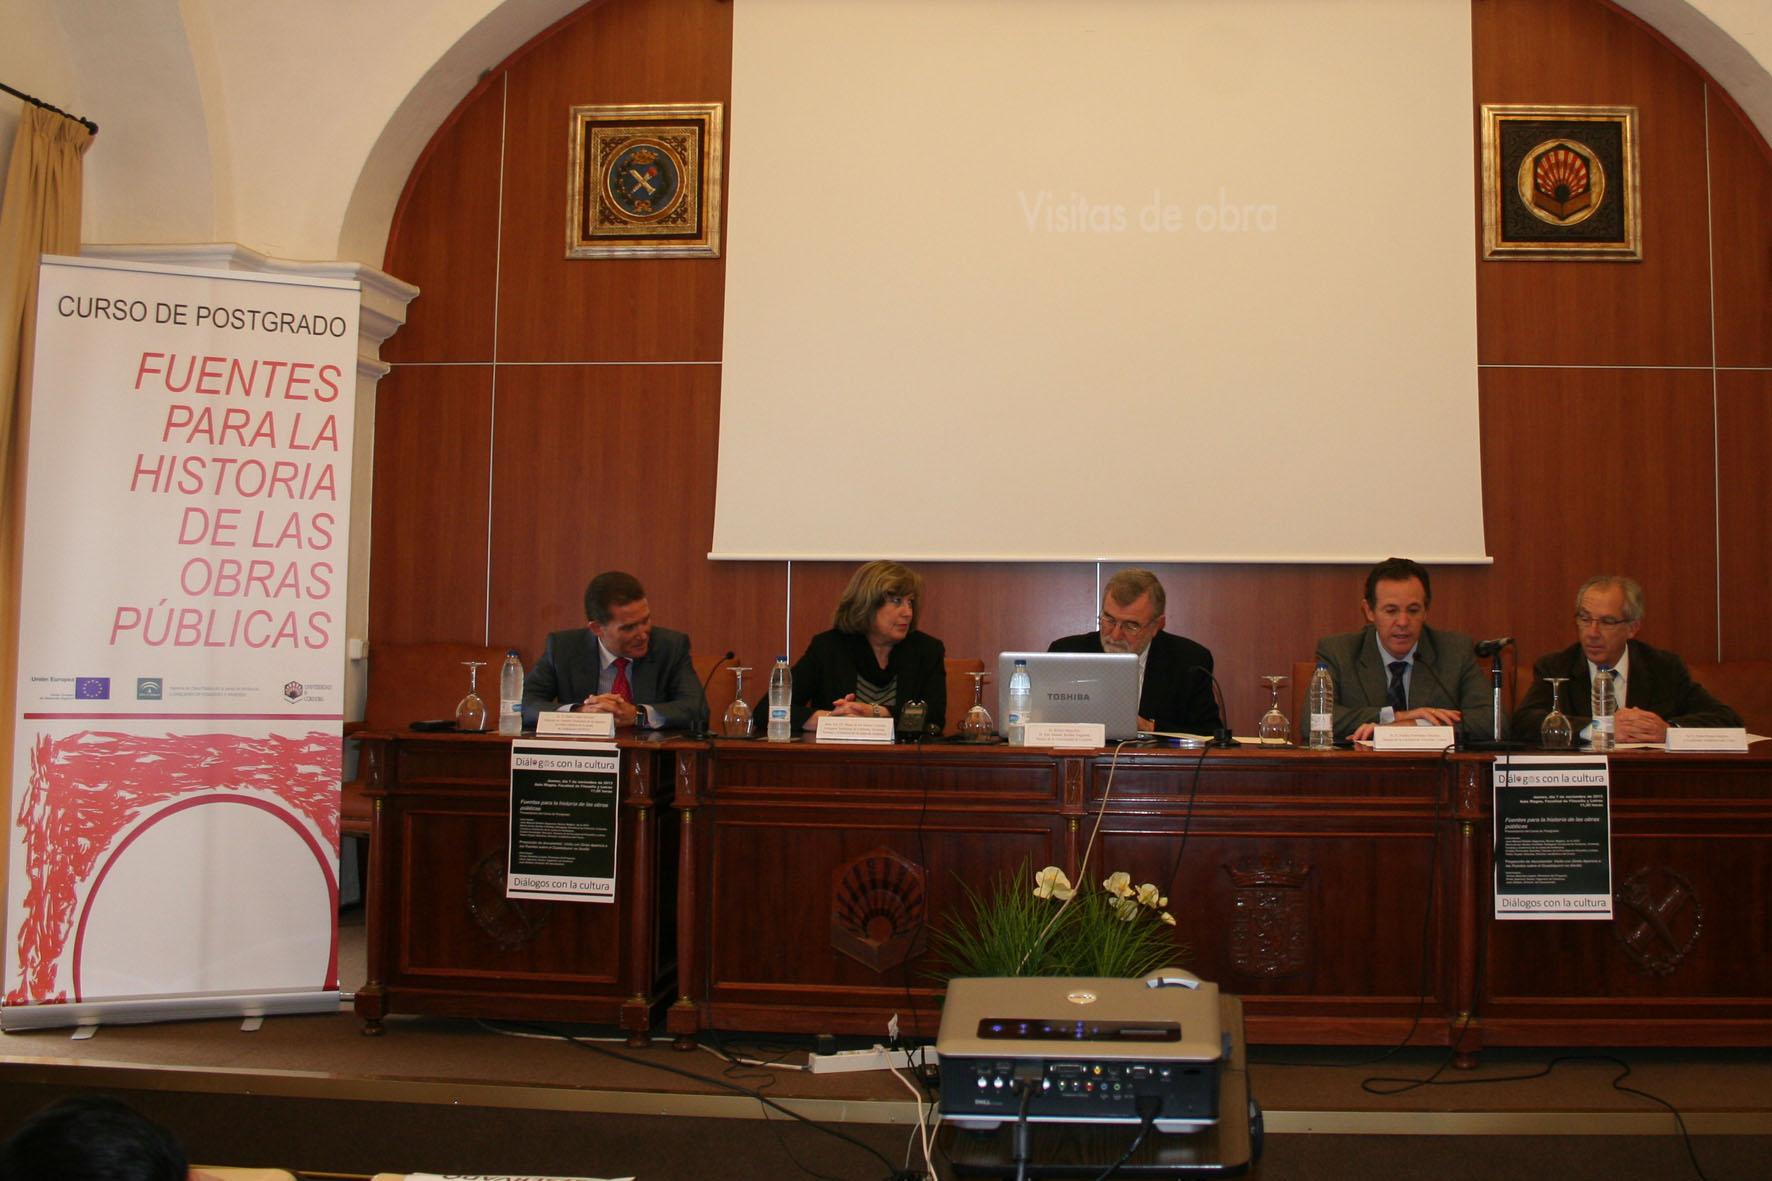 Acto de presentación del curso de posgrado en la Universidad de Córdoba